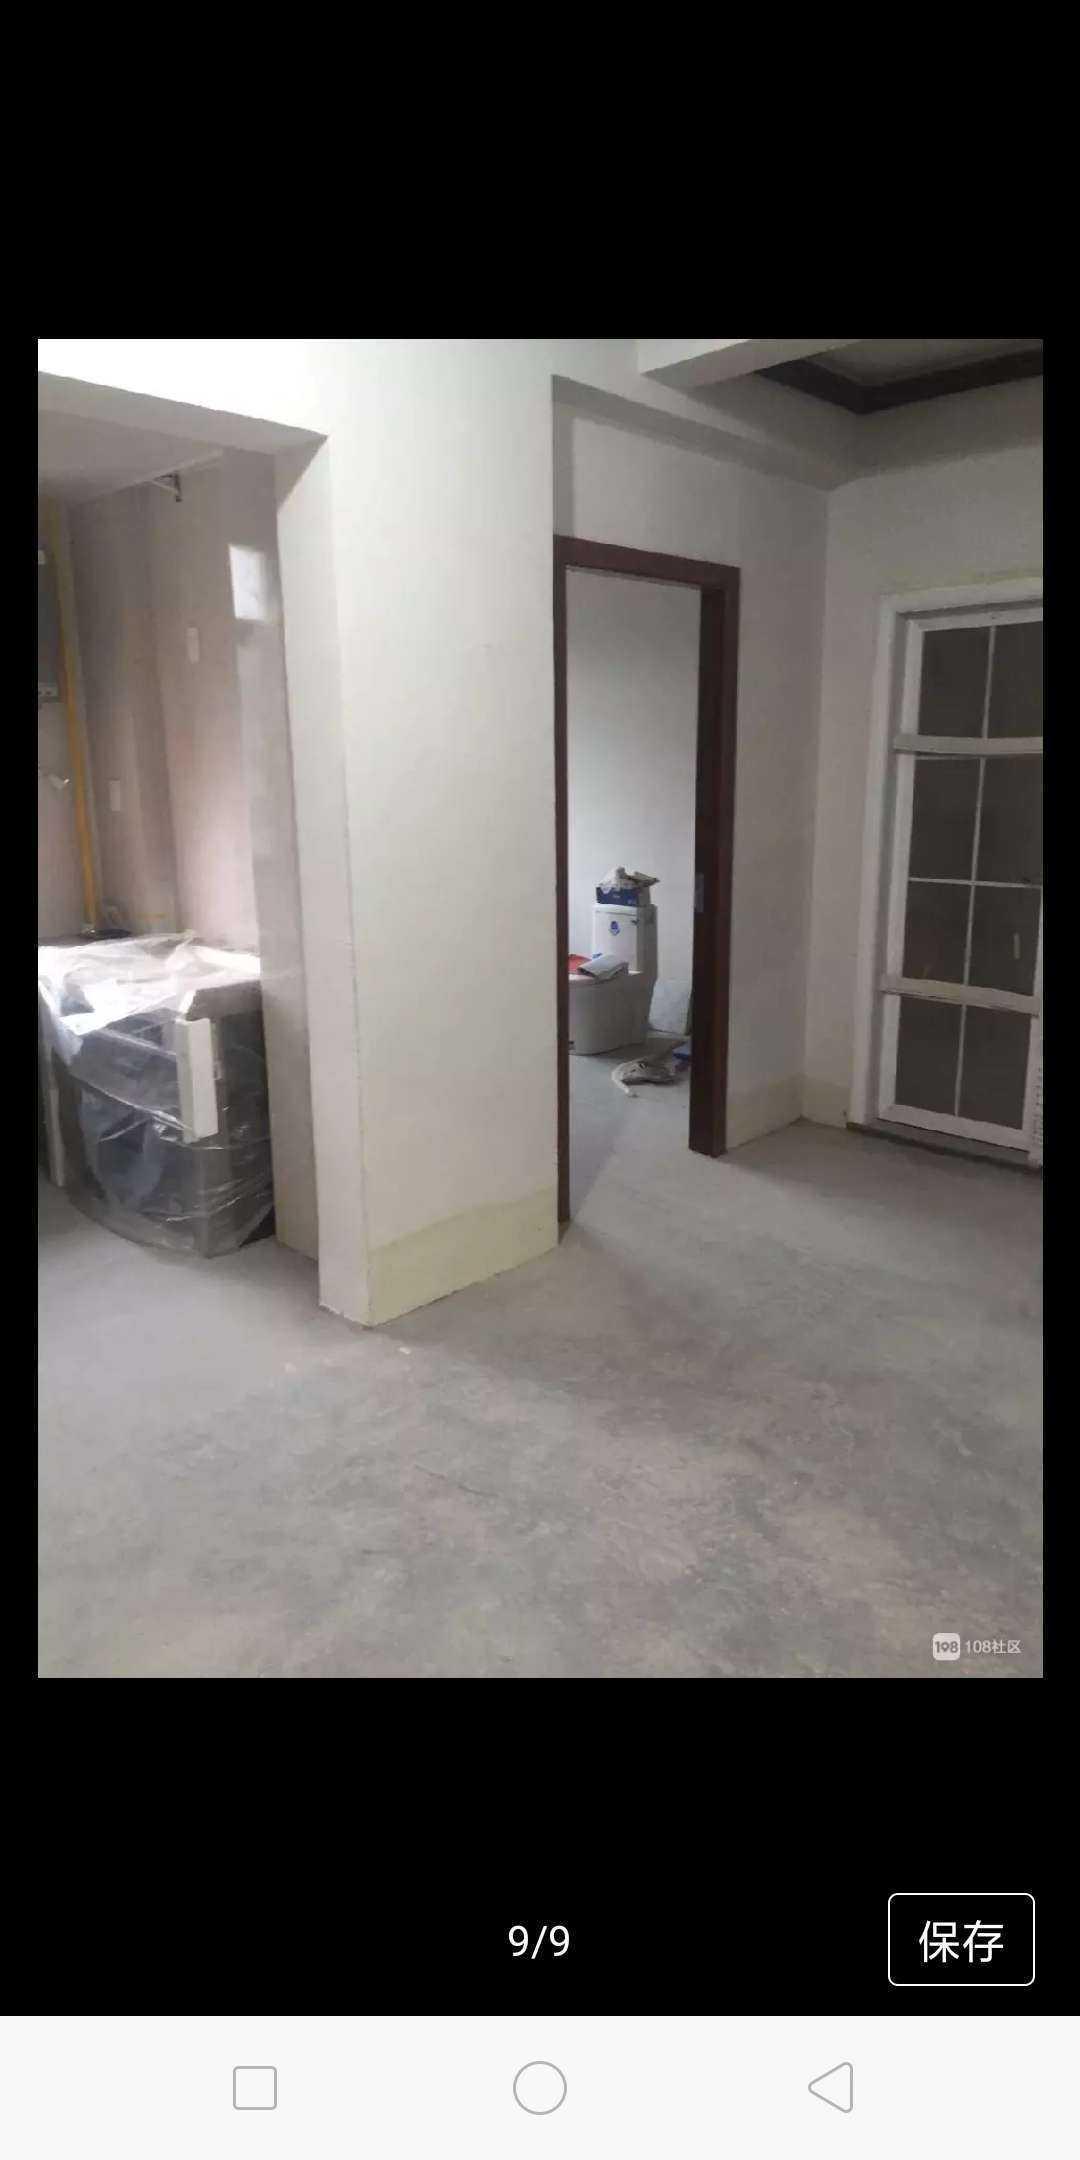 04222出租 小区:上岛名苑 楼层:10楼/11楼 面积:123方 户型:3-2-1 价格:2.1万最低2万一年 装修:厨房和一个卫生间加门 备注:带一个车位和车棚包含物业费 的实拍照片